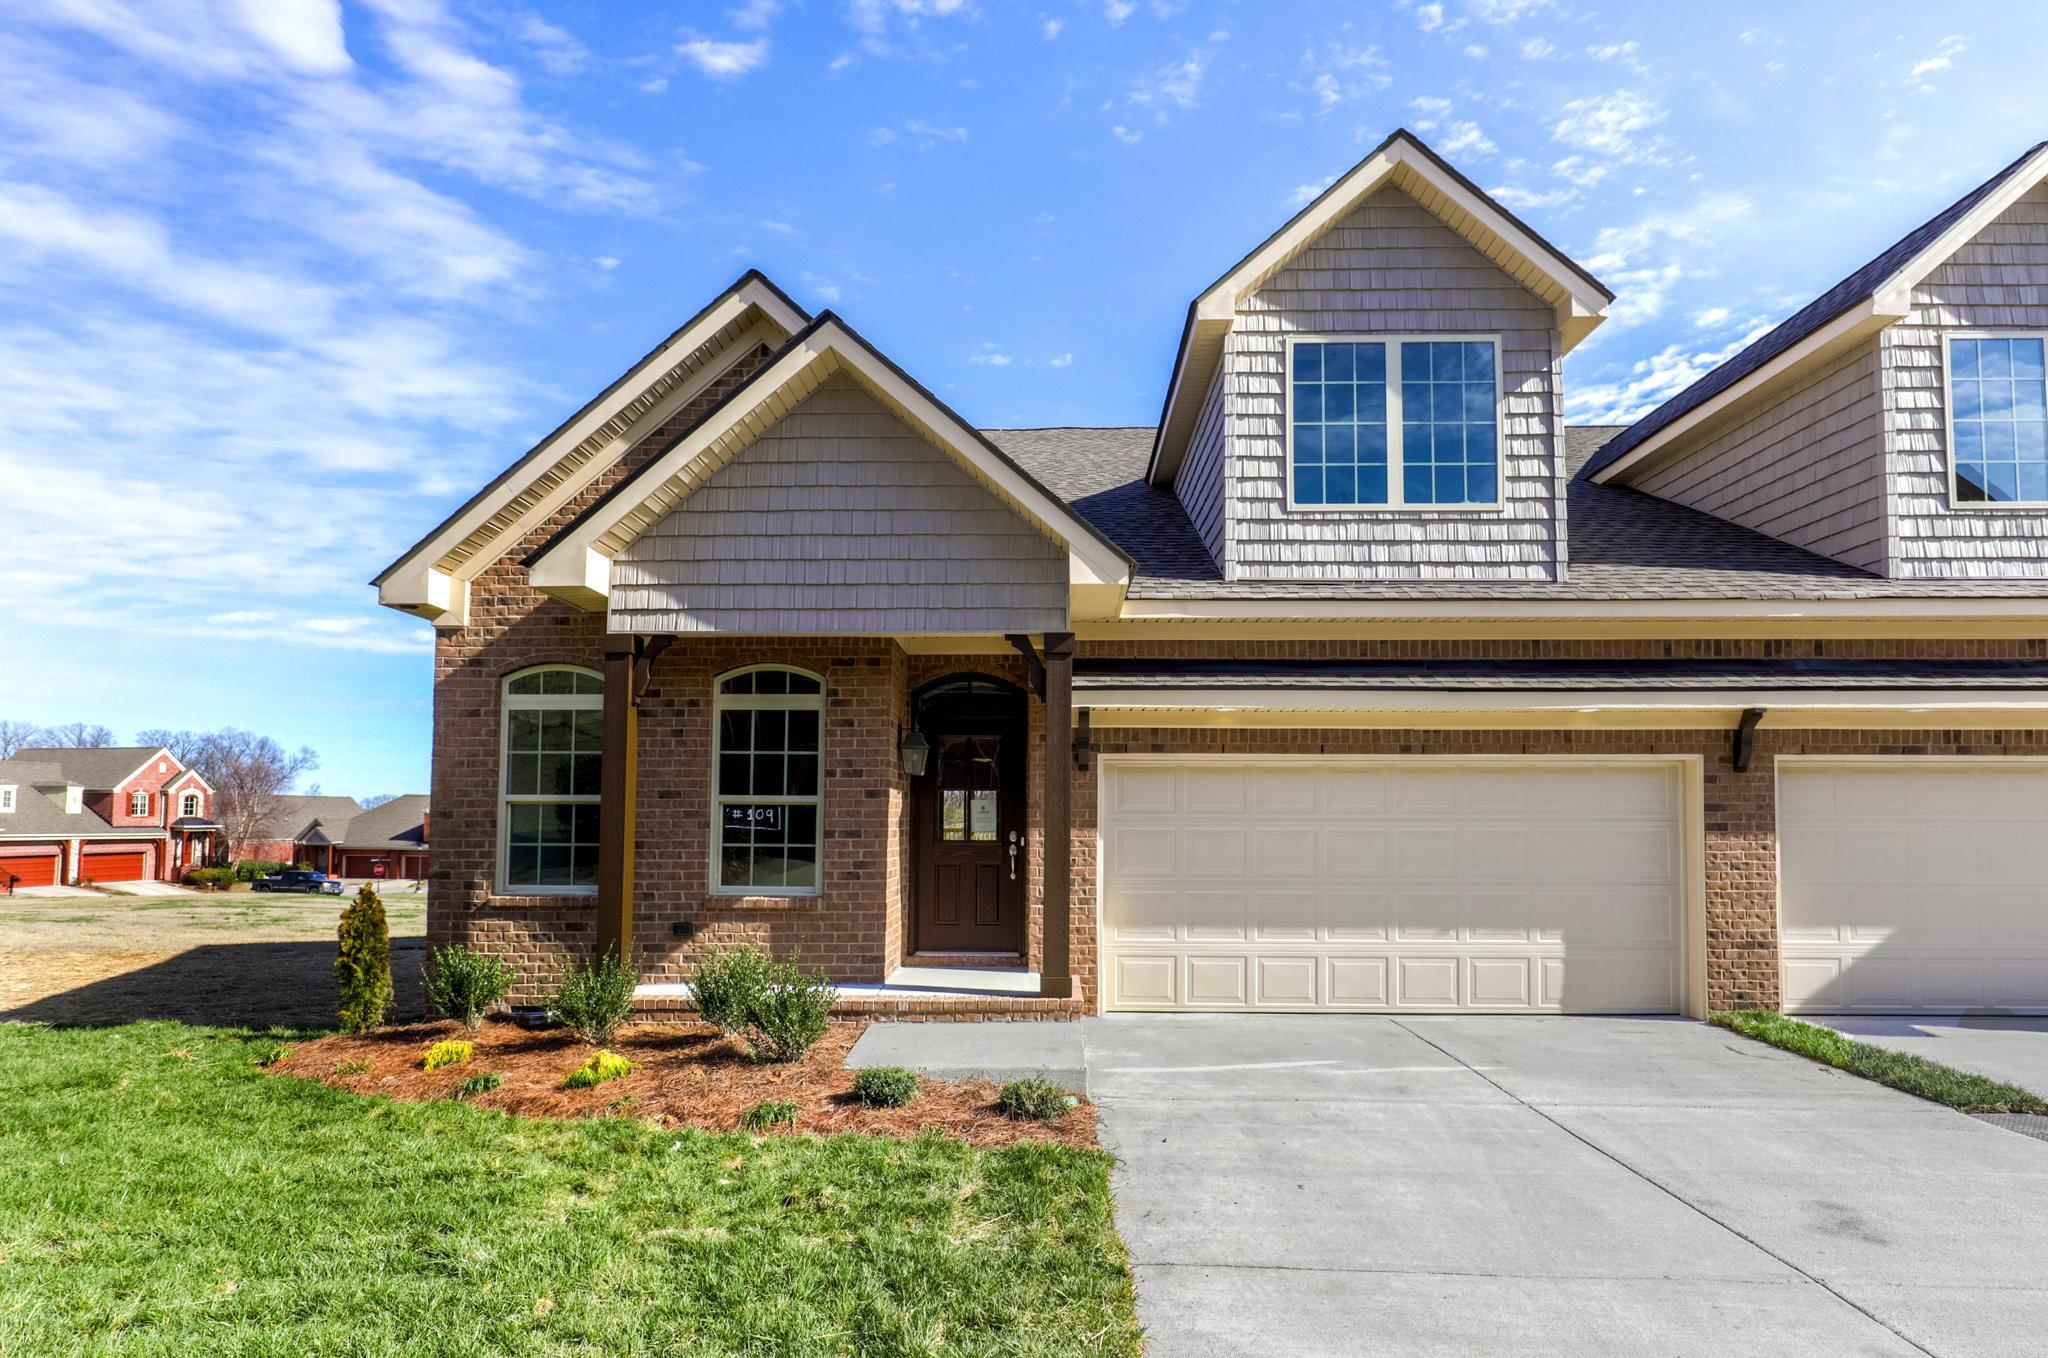 109 Nickolas Cir, Lebanon in Wilson County County, TN 37087 Home for Sale